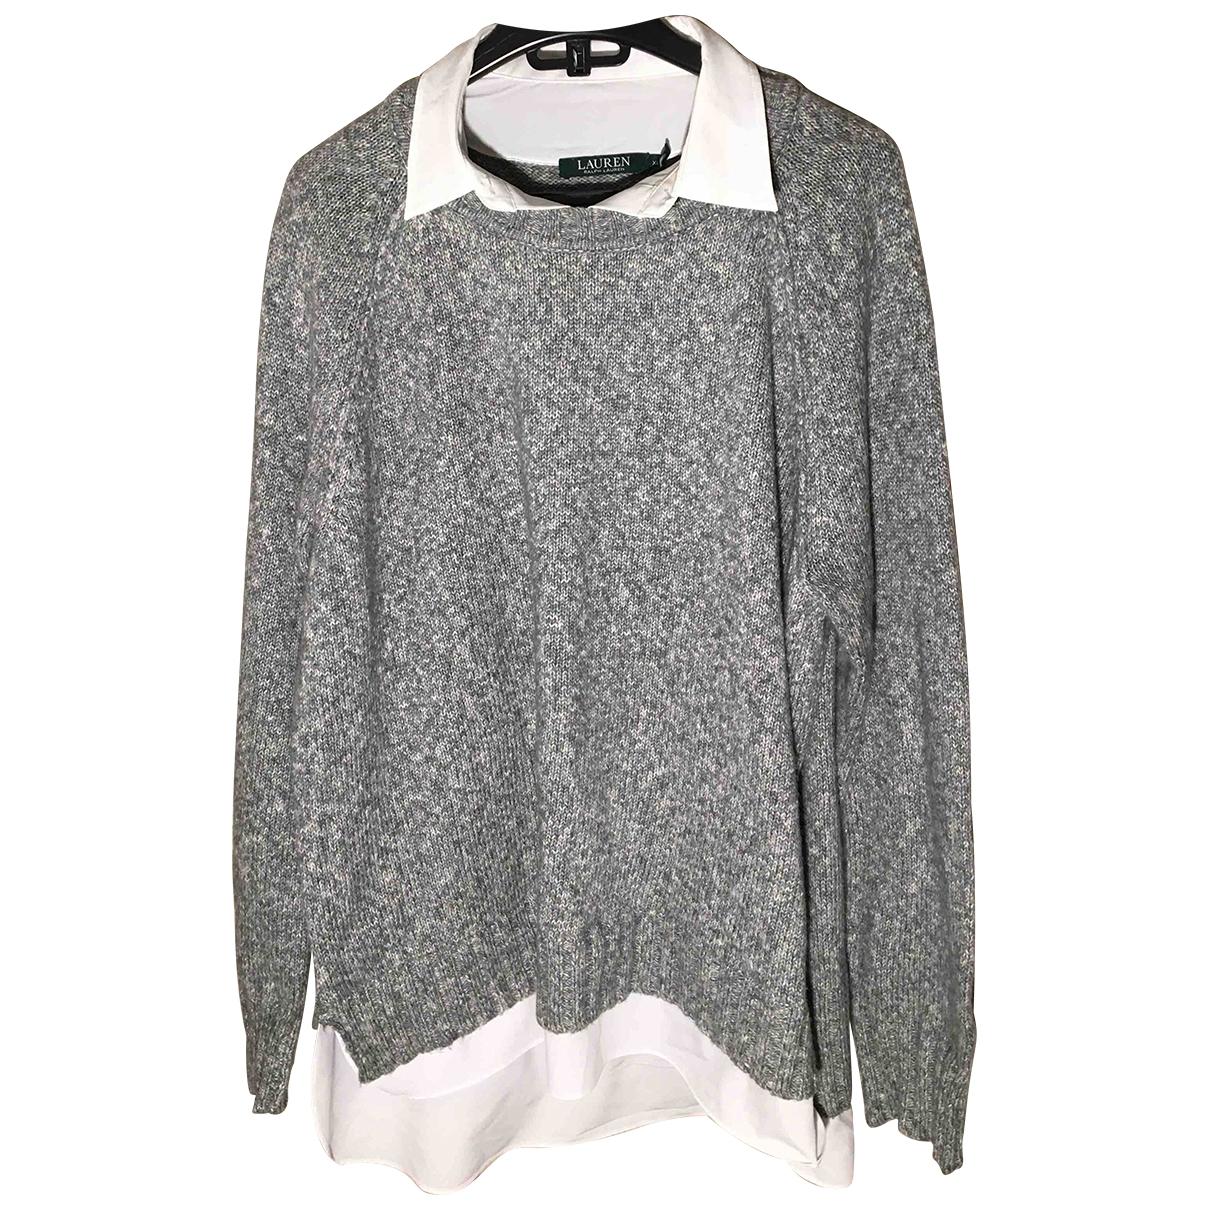 Lauren Ralph Lauren - Pull   pour femme en coton - gris